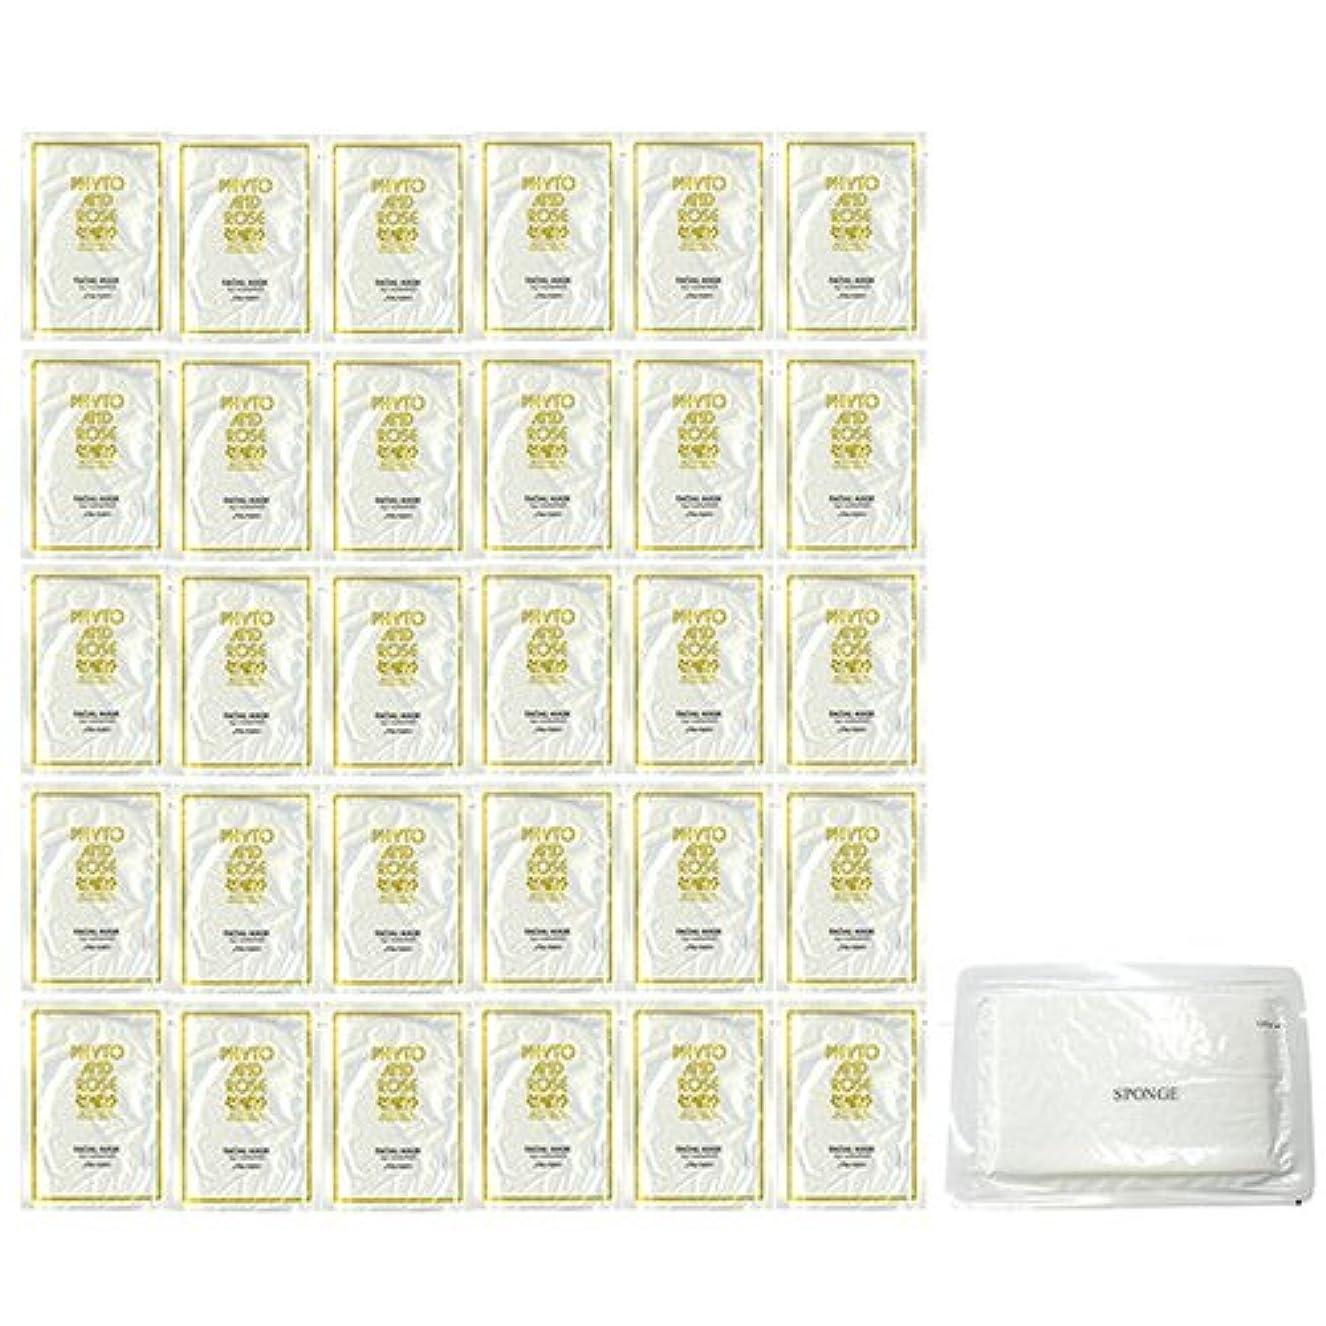 司書航海の借りる資生堂 フィト アンド ローズ パウチ ハンドアンドボディミルク 10ml × 30個 + 圧縮スポンジセット